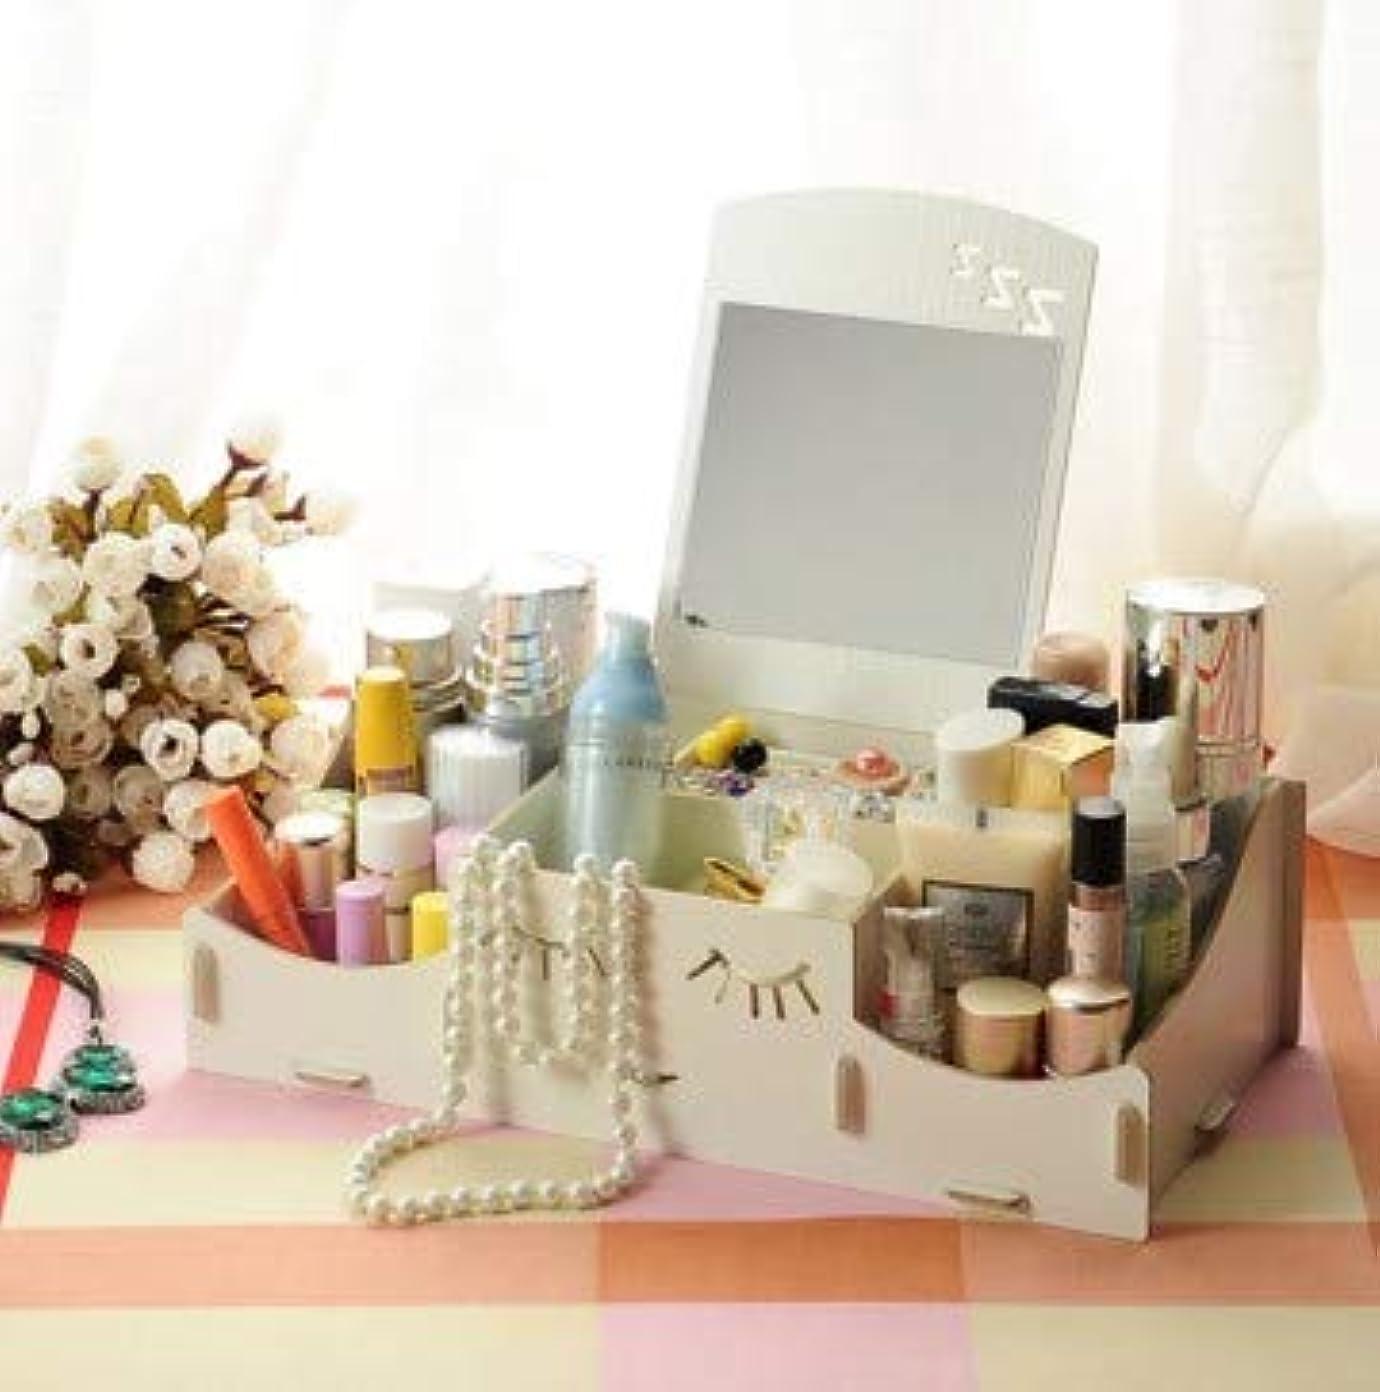 ステーキ予想するアクションスマイリー木製クリエイティブ収納ボックス手作りデスクトップミラー化粧品収納ボックス化粧品収納ボックス (Color : ホワイト)